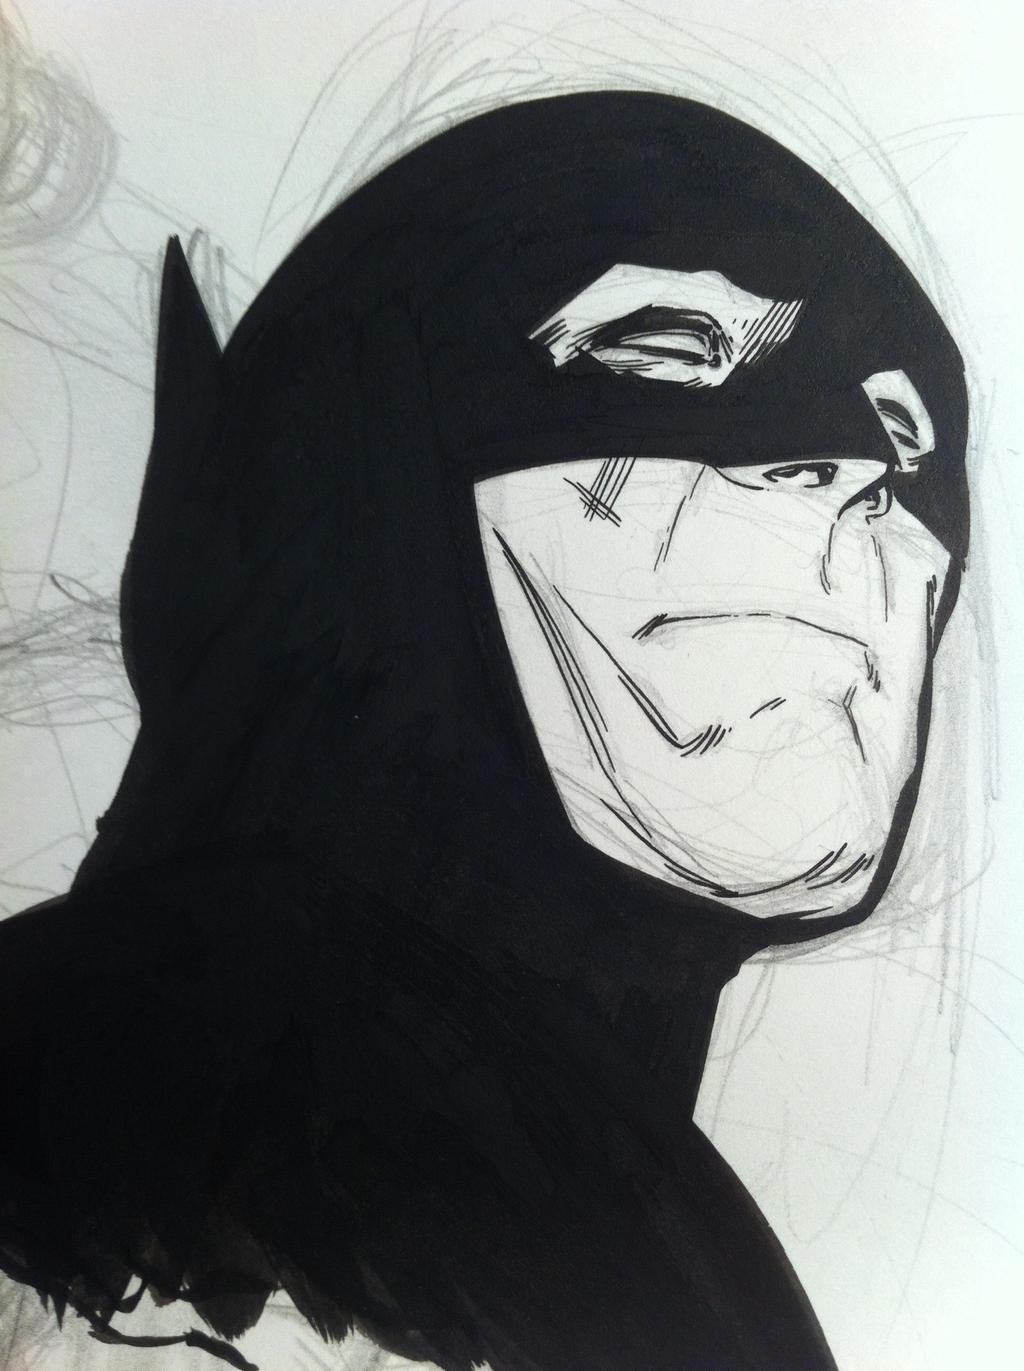 Bat-sketchin'